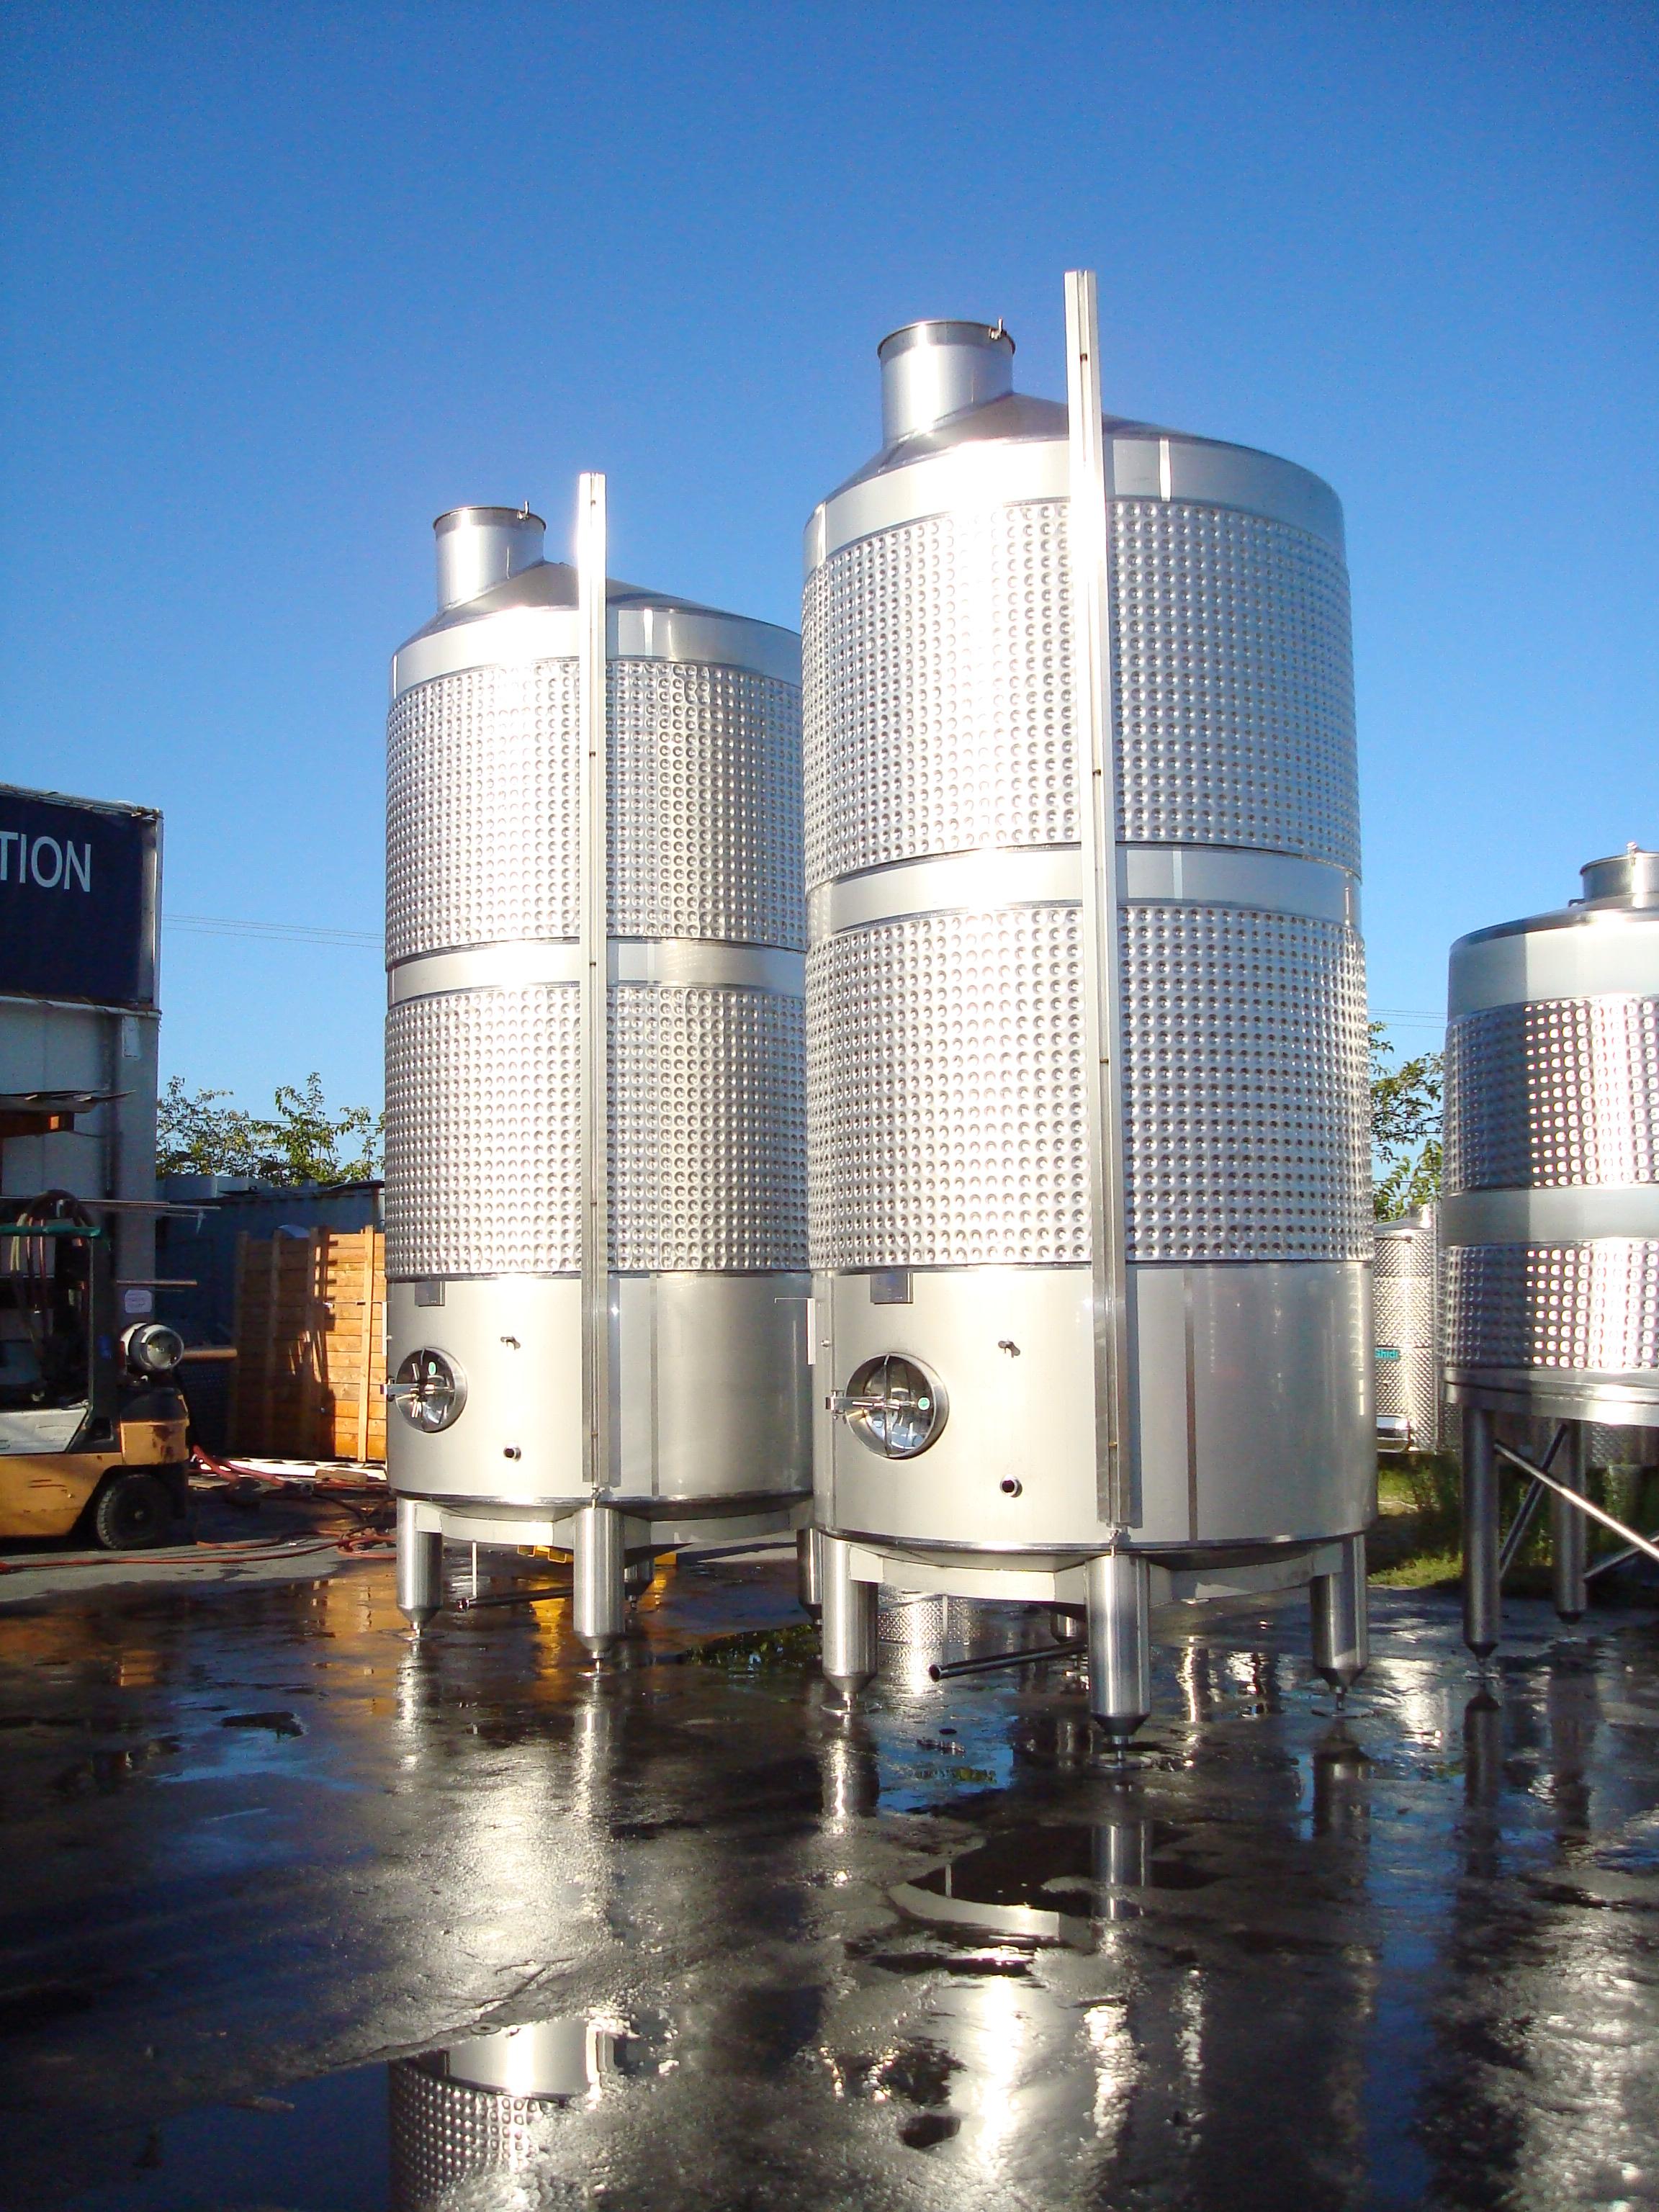 Conical bottom tanks criveller group